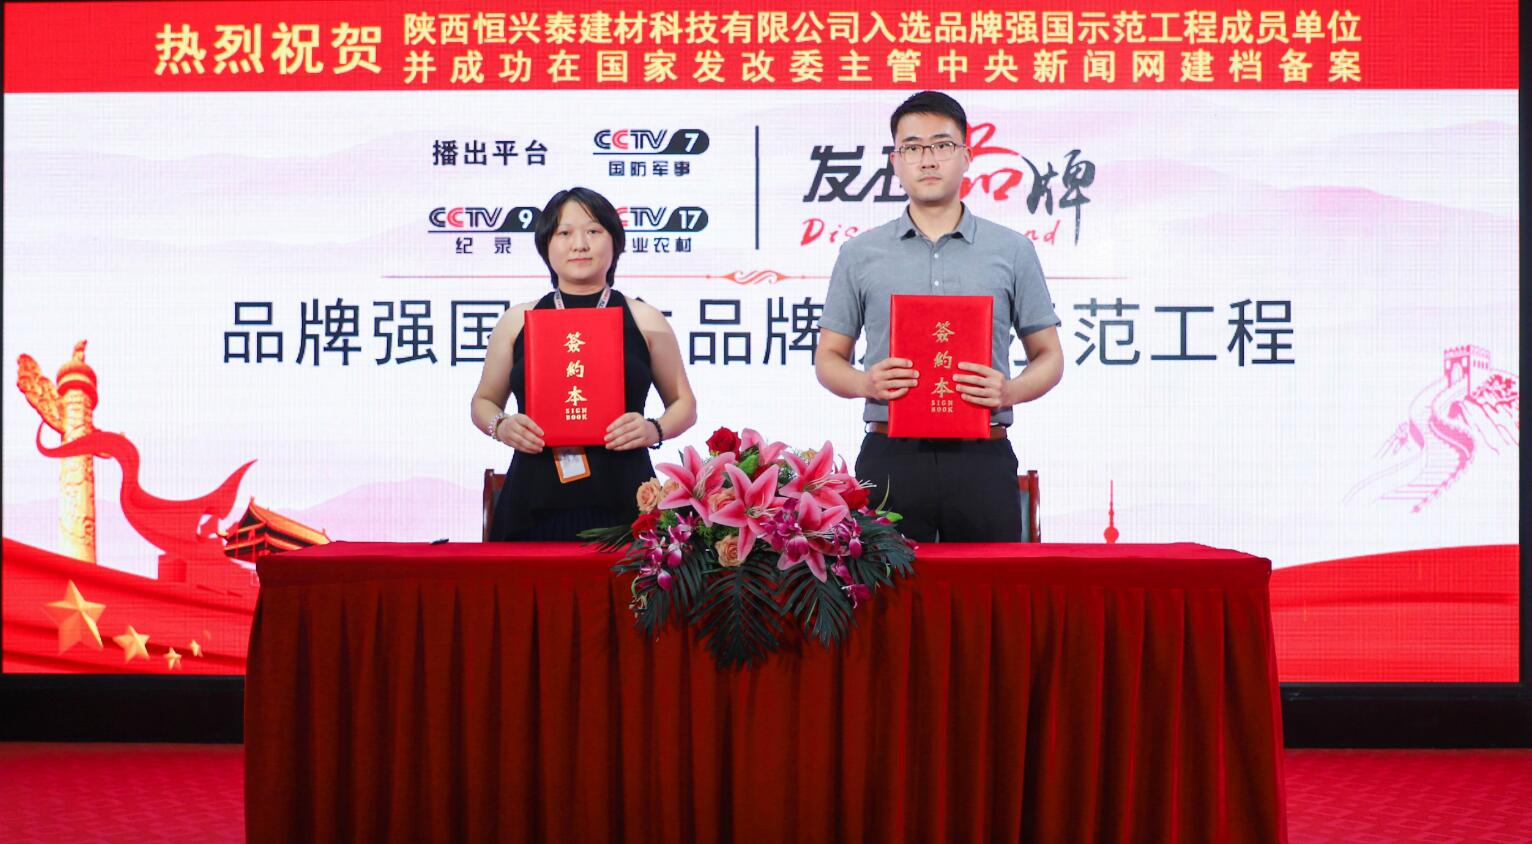 """喜讯:恒兴泰""""成功签约CCTV-7频道,11月5日起15点20分与全国人民相约,届时不见不散?"""